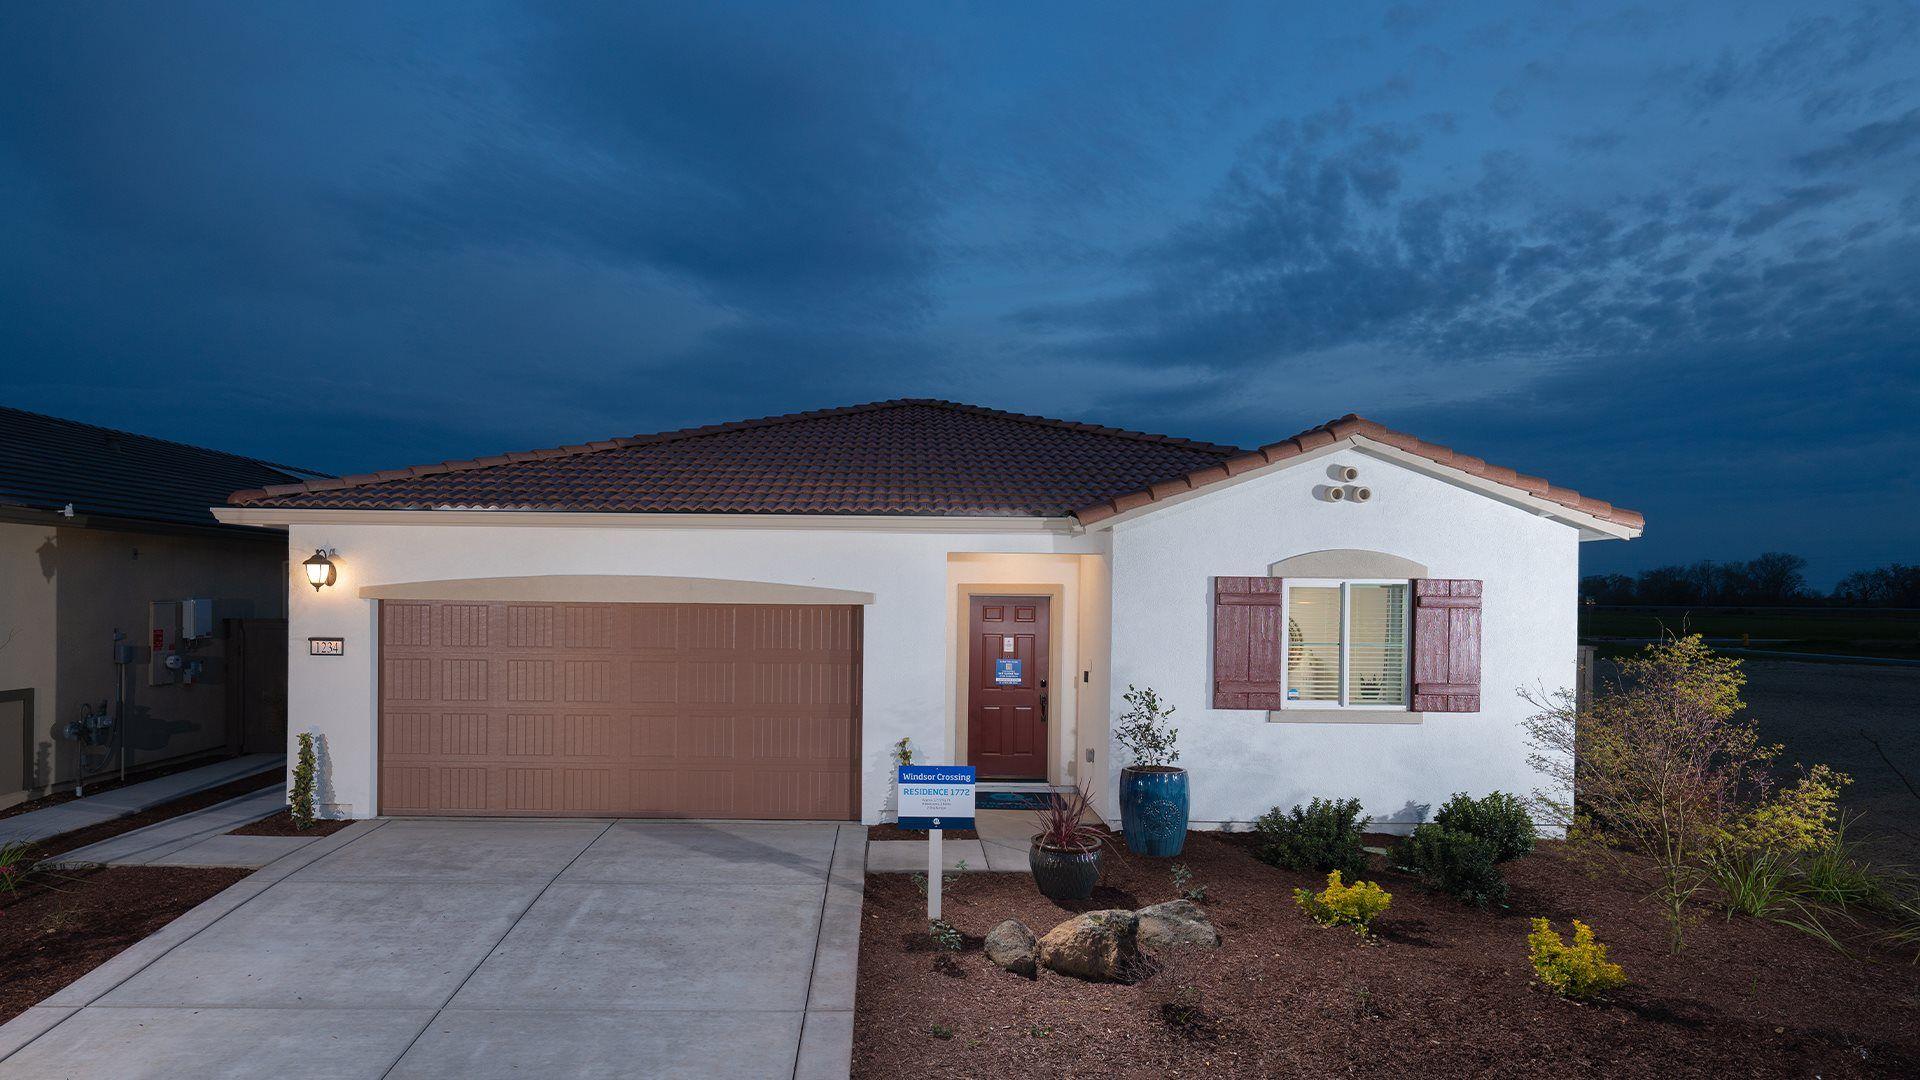 Residence 1772 | Model Home